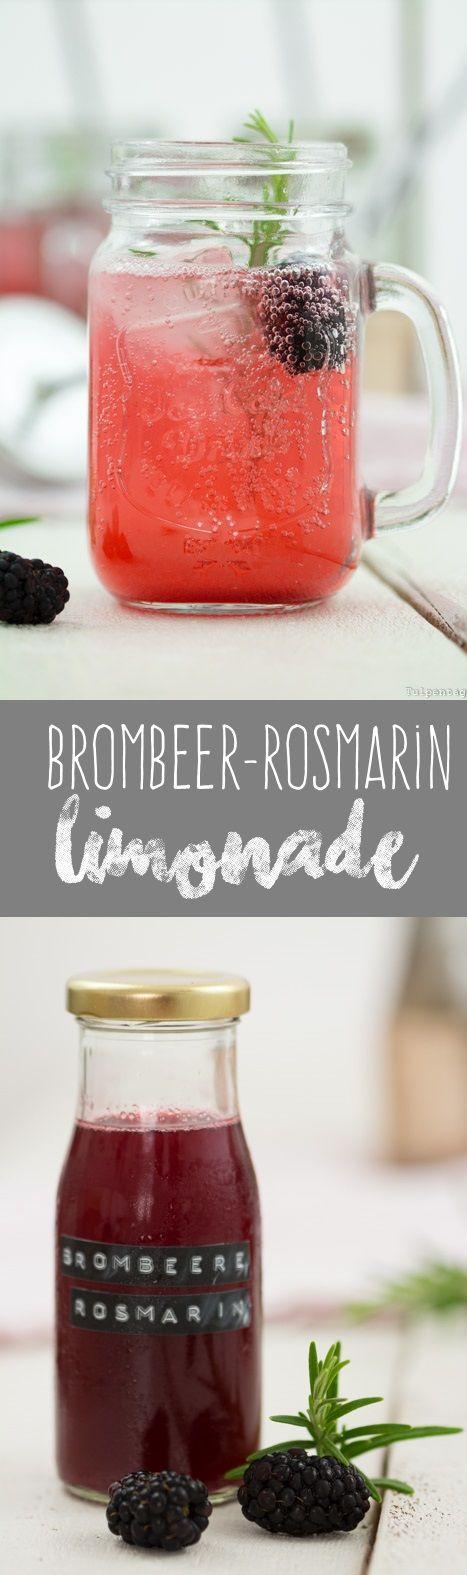 Brombeer-Rosmarin-Sirup Limonade Sommer Getränk Rezept Brombeeren Rosmarin